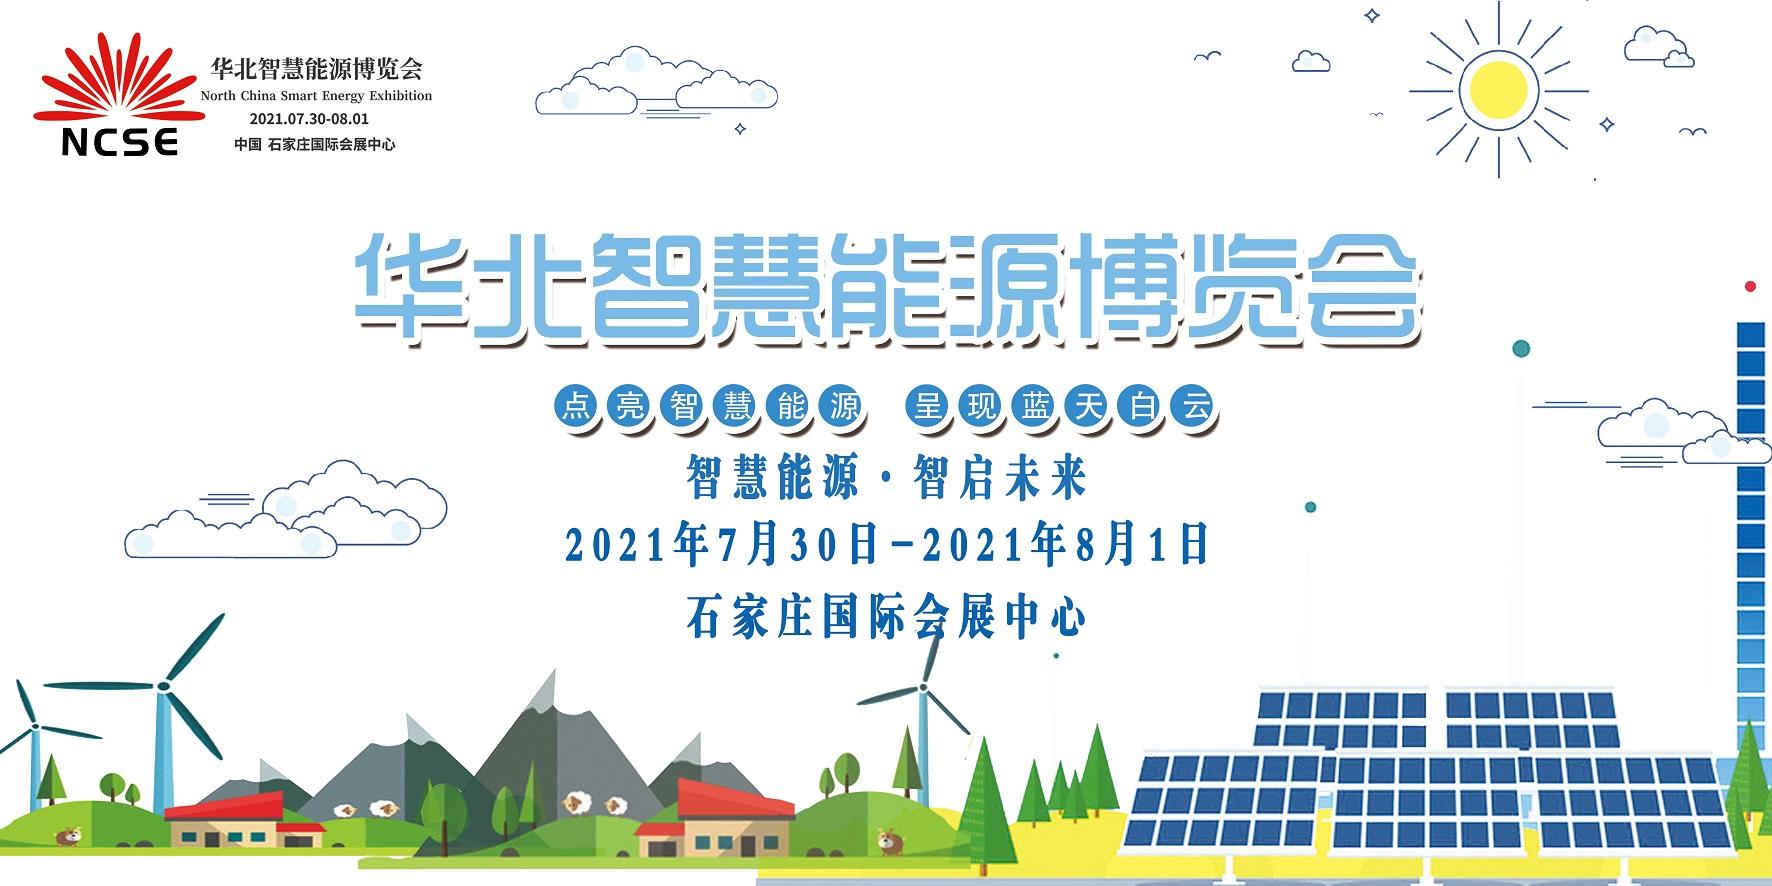 預定2021年中國新能源展覽會